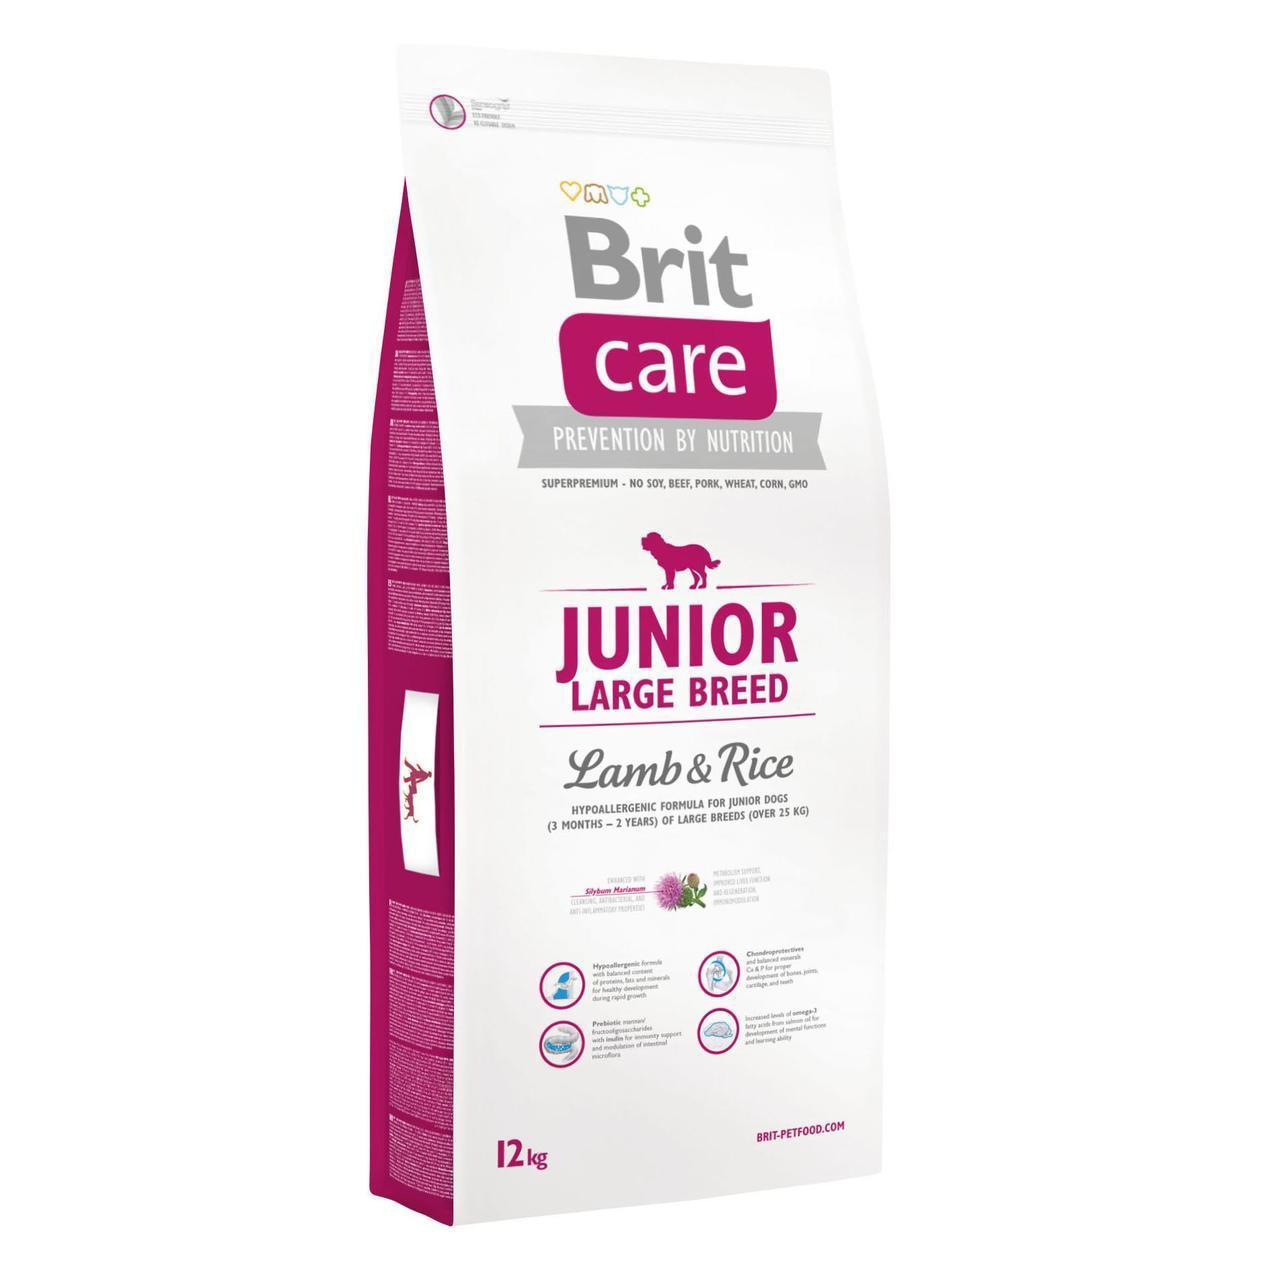 Сухой корм для щенков и молодых собак крупных пород (весом от 25 кг) Brit Care Junior Large Breed Lamb & Rice